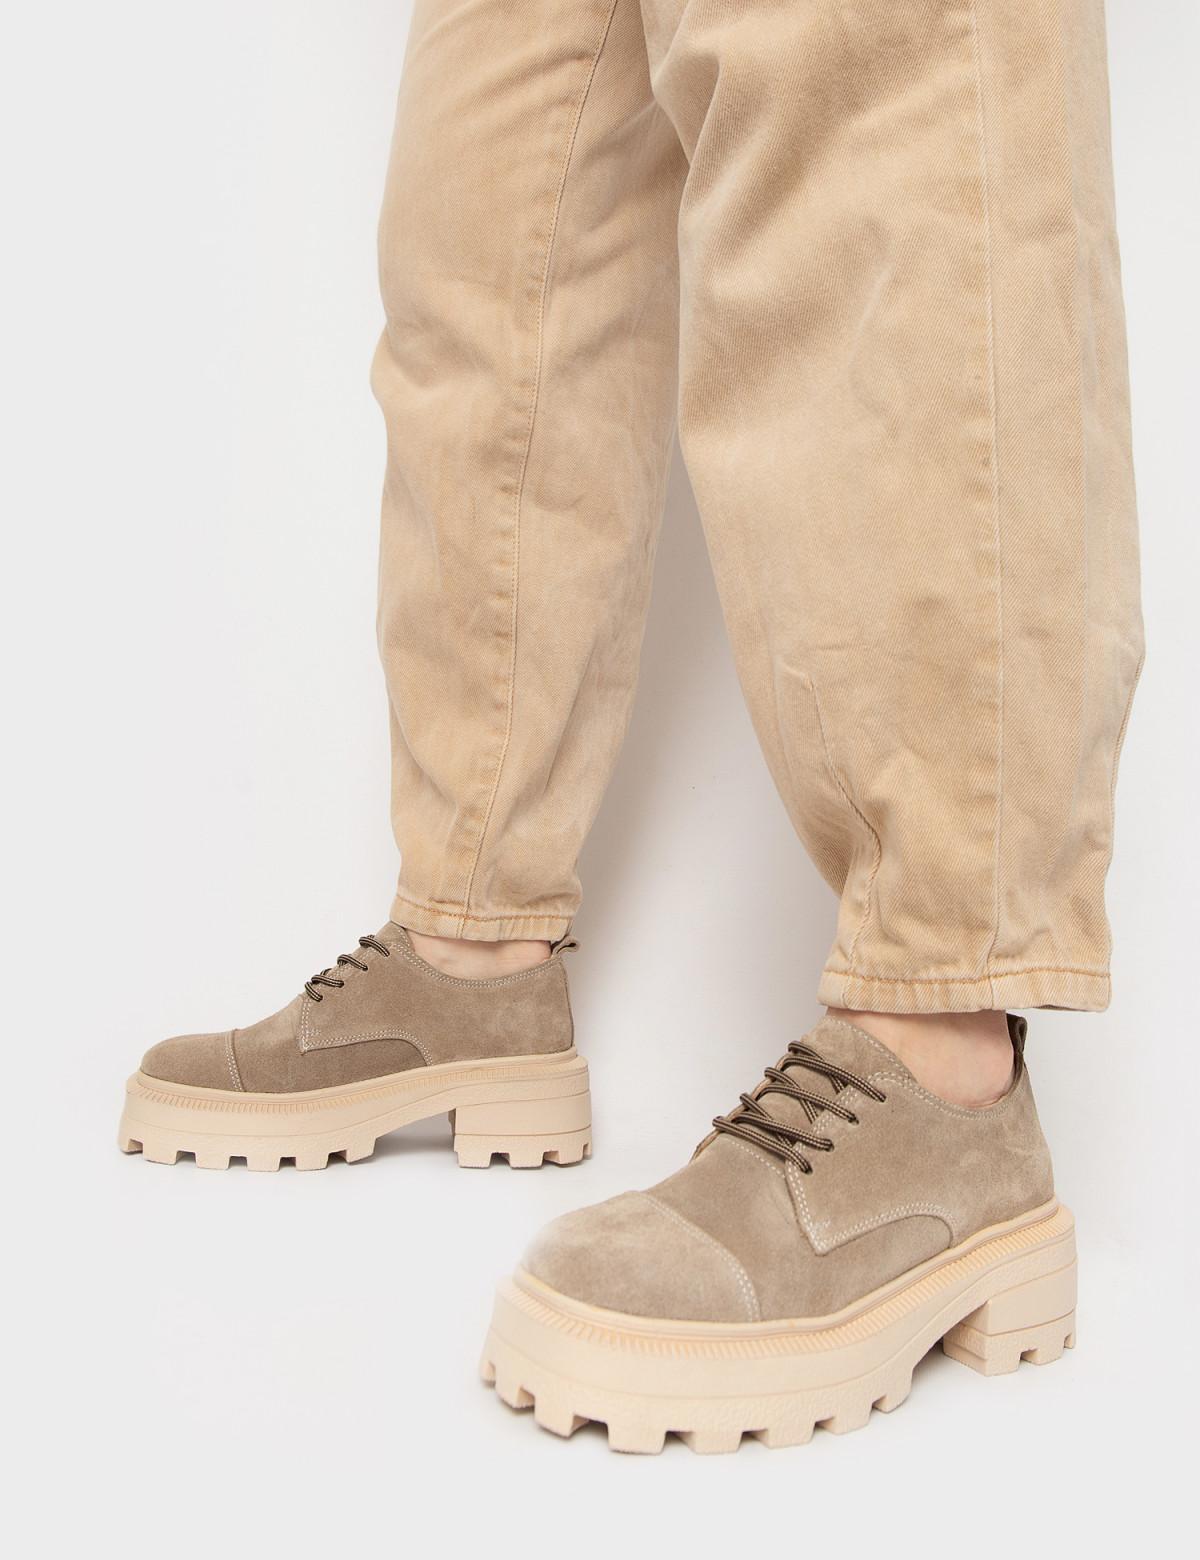 Туфлі бежеві. Натуральна замша4